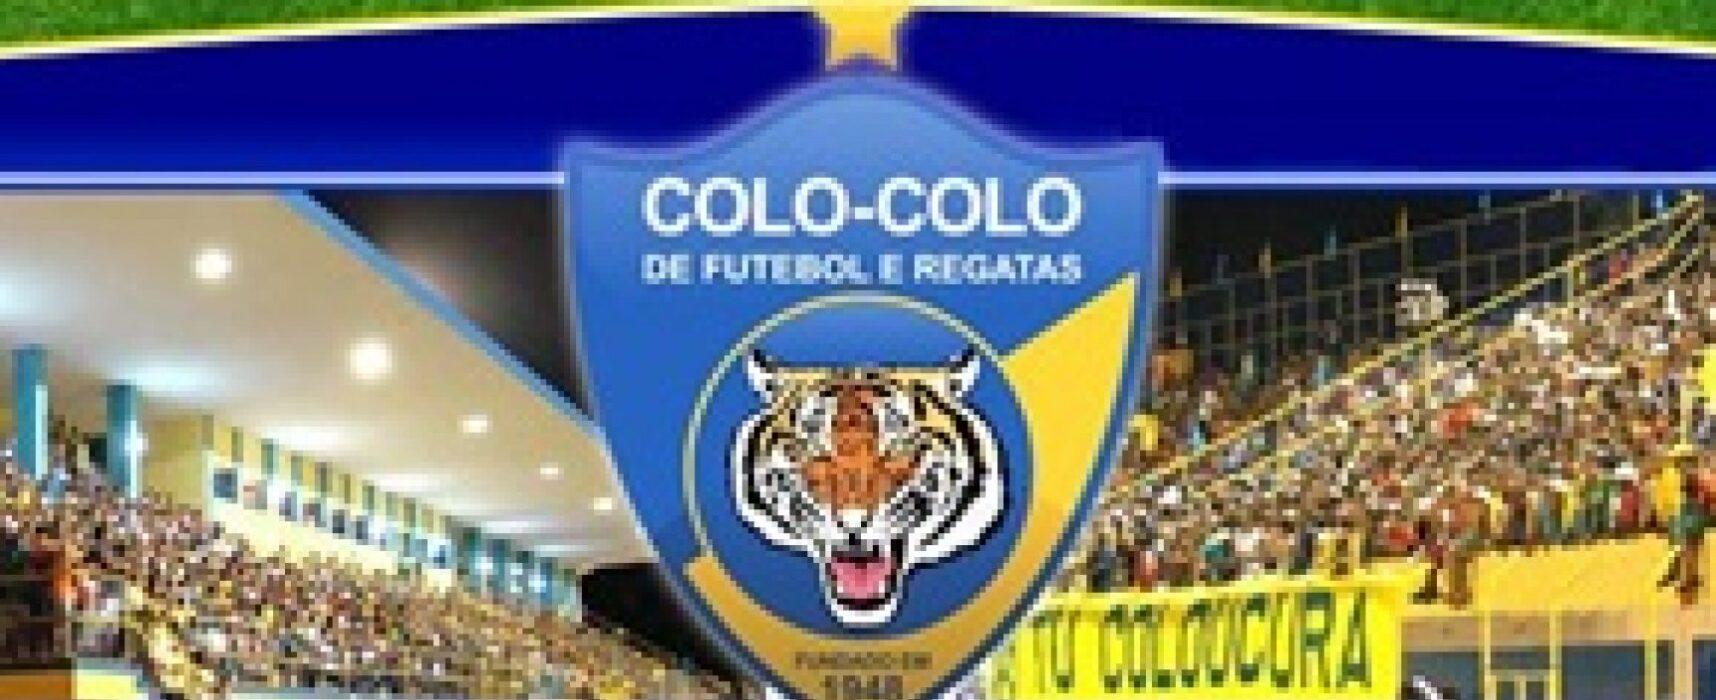 Conselheiro títular Valmir Miranda se afasta do Colo Colo e, solta o verbo